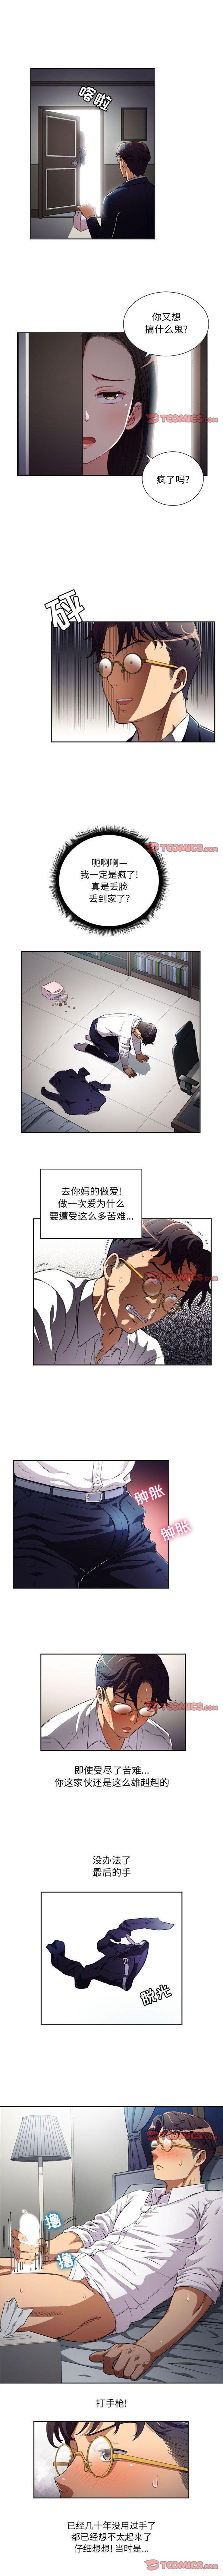 由莉的秘密1-60 中文翻译 (更新中) 246